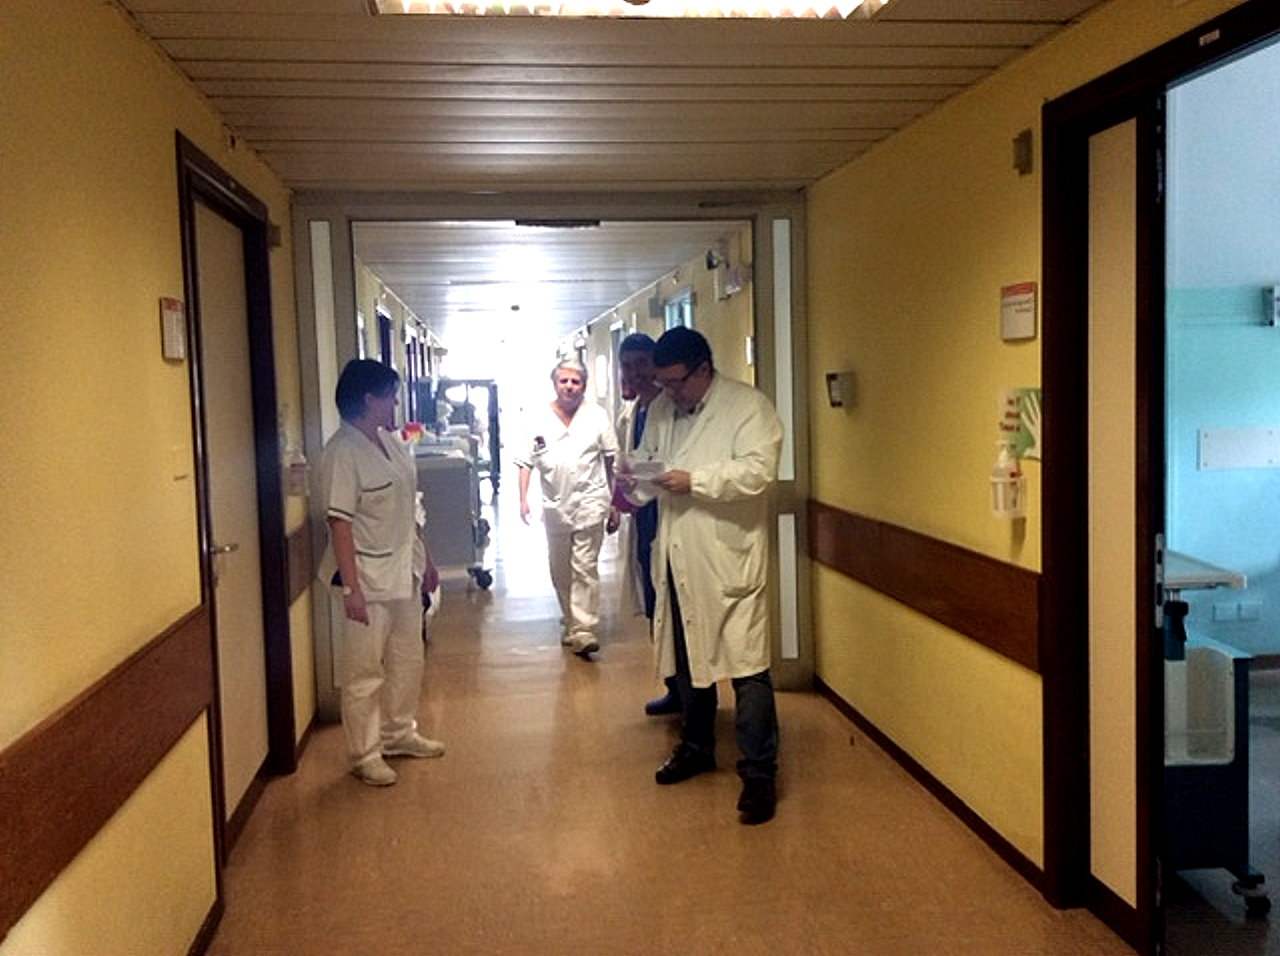 Bartolini e Ambrosio sopralluogo Ospedale, nessuna criticità emersa